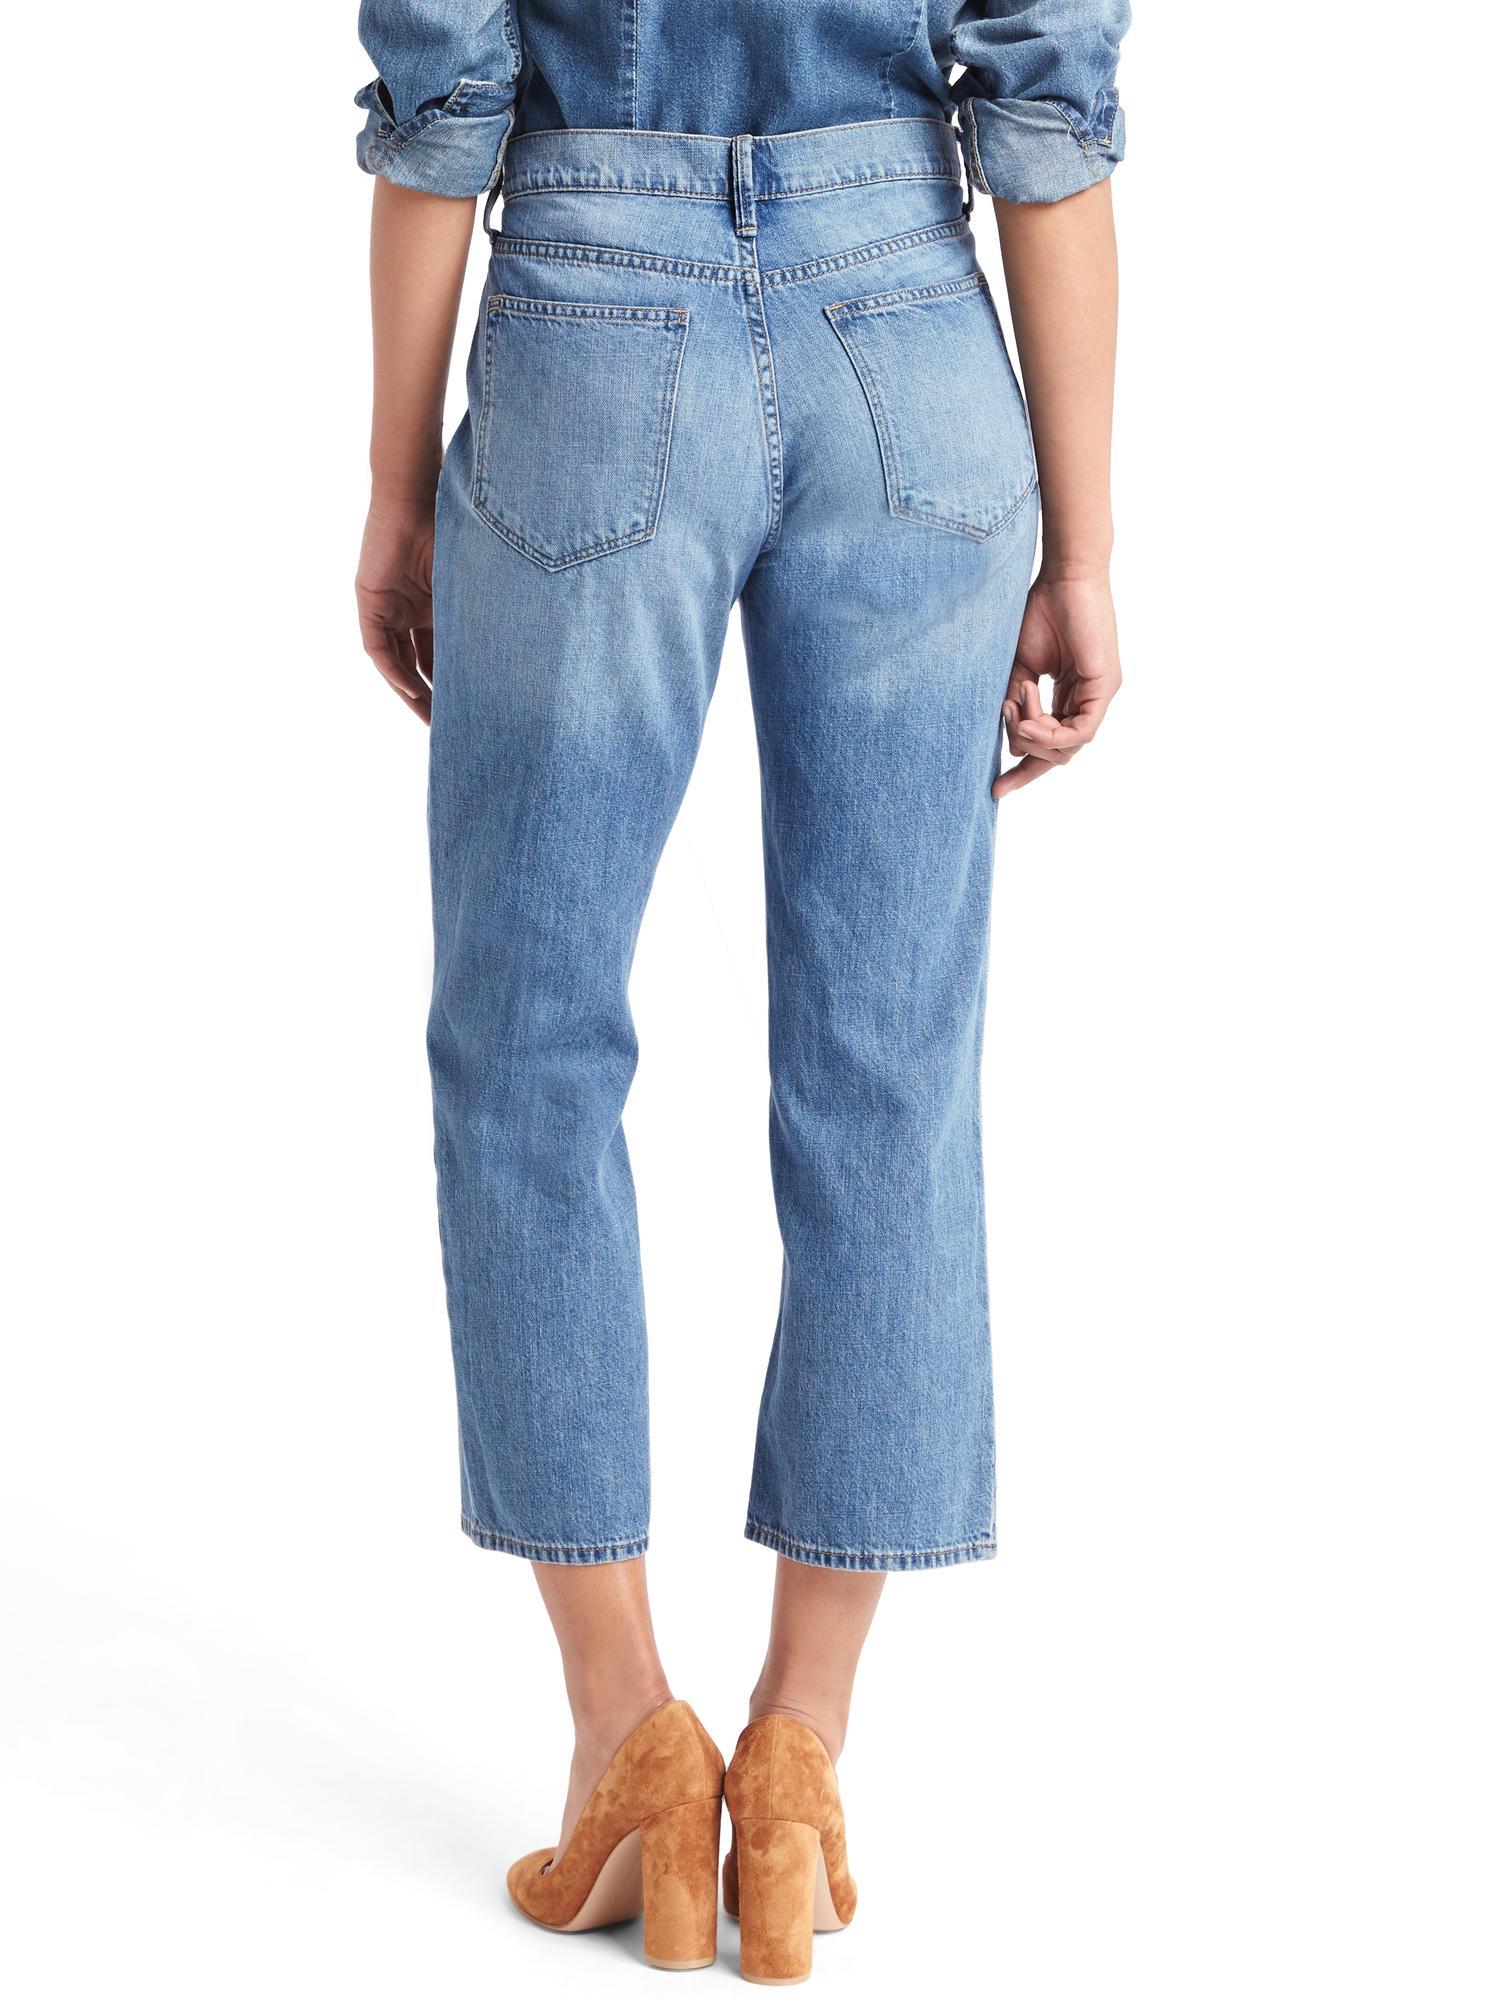 Gap Original 1969 Wide-leg Crop Jeans in Blue (lightest indigo) | Lyst